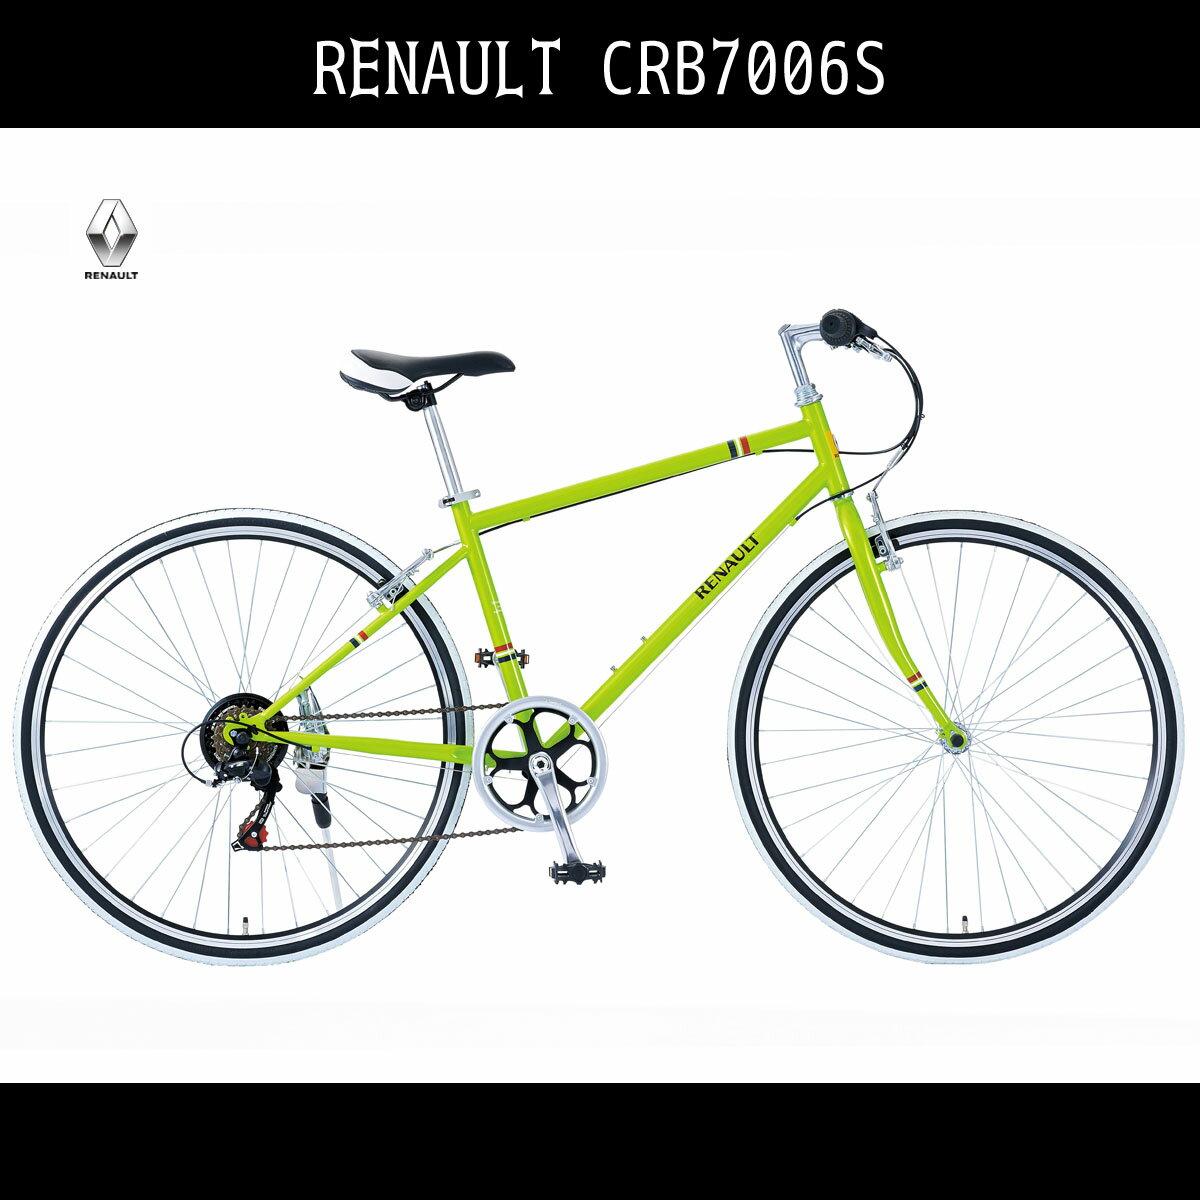 配送先一都三県一部地域限定送料無料 自転車 ルノー CRB7006S 外装6段変速ギア付き 軽量 クロスバイク 700c 緑色 グリーン 自転車 RENAULT ルノー 自転車 クロスバイク 通販 おしゃれ